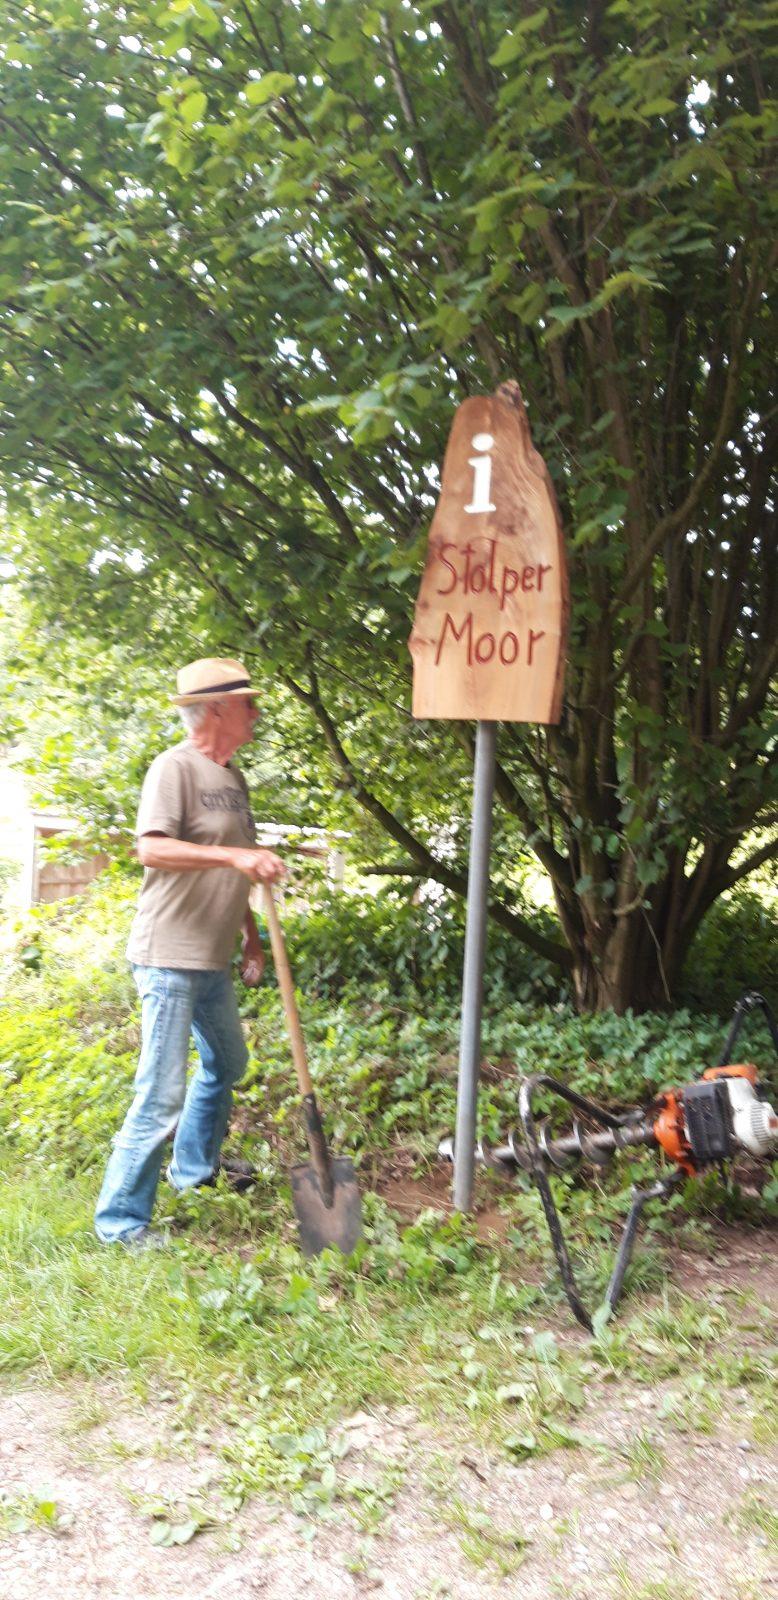 Neues Info-Schild am Stolper Moor – und eine Menge Abfall